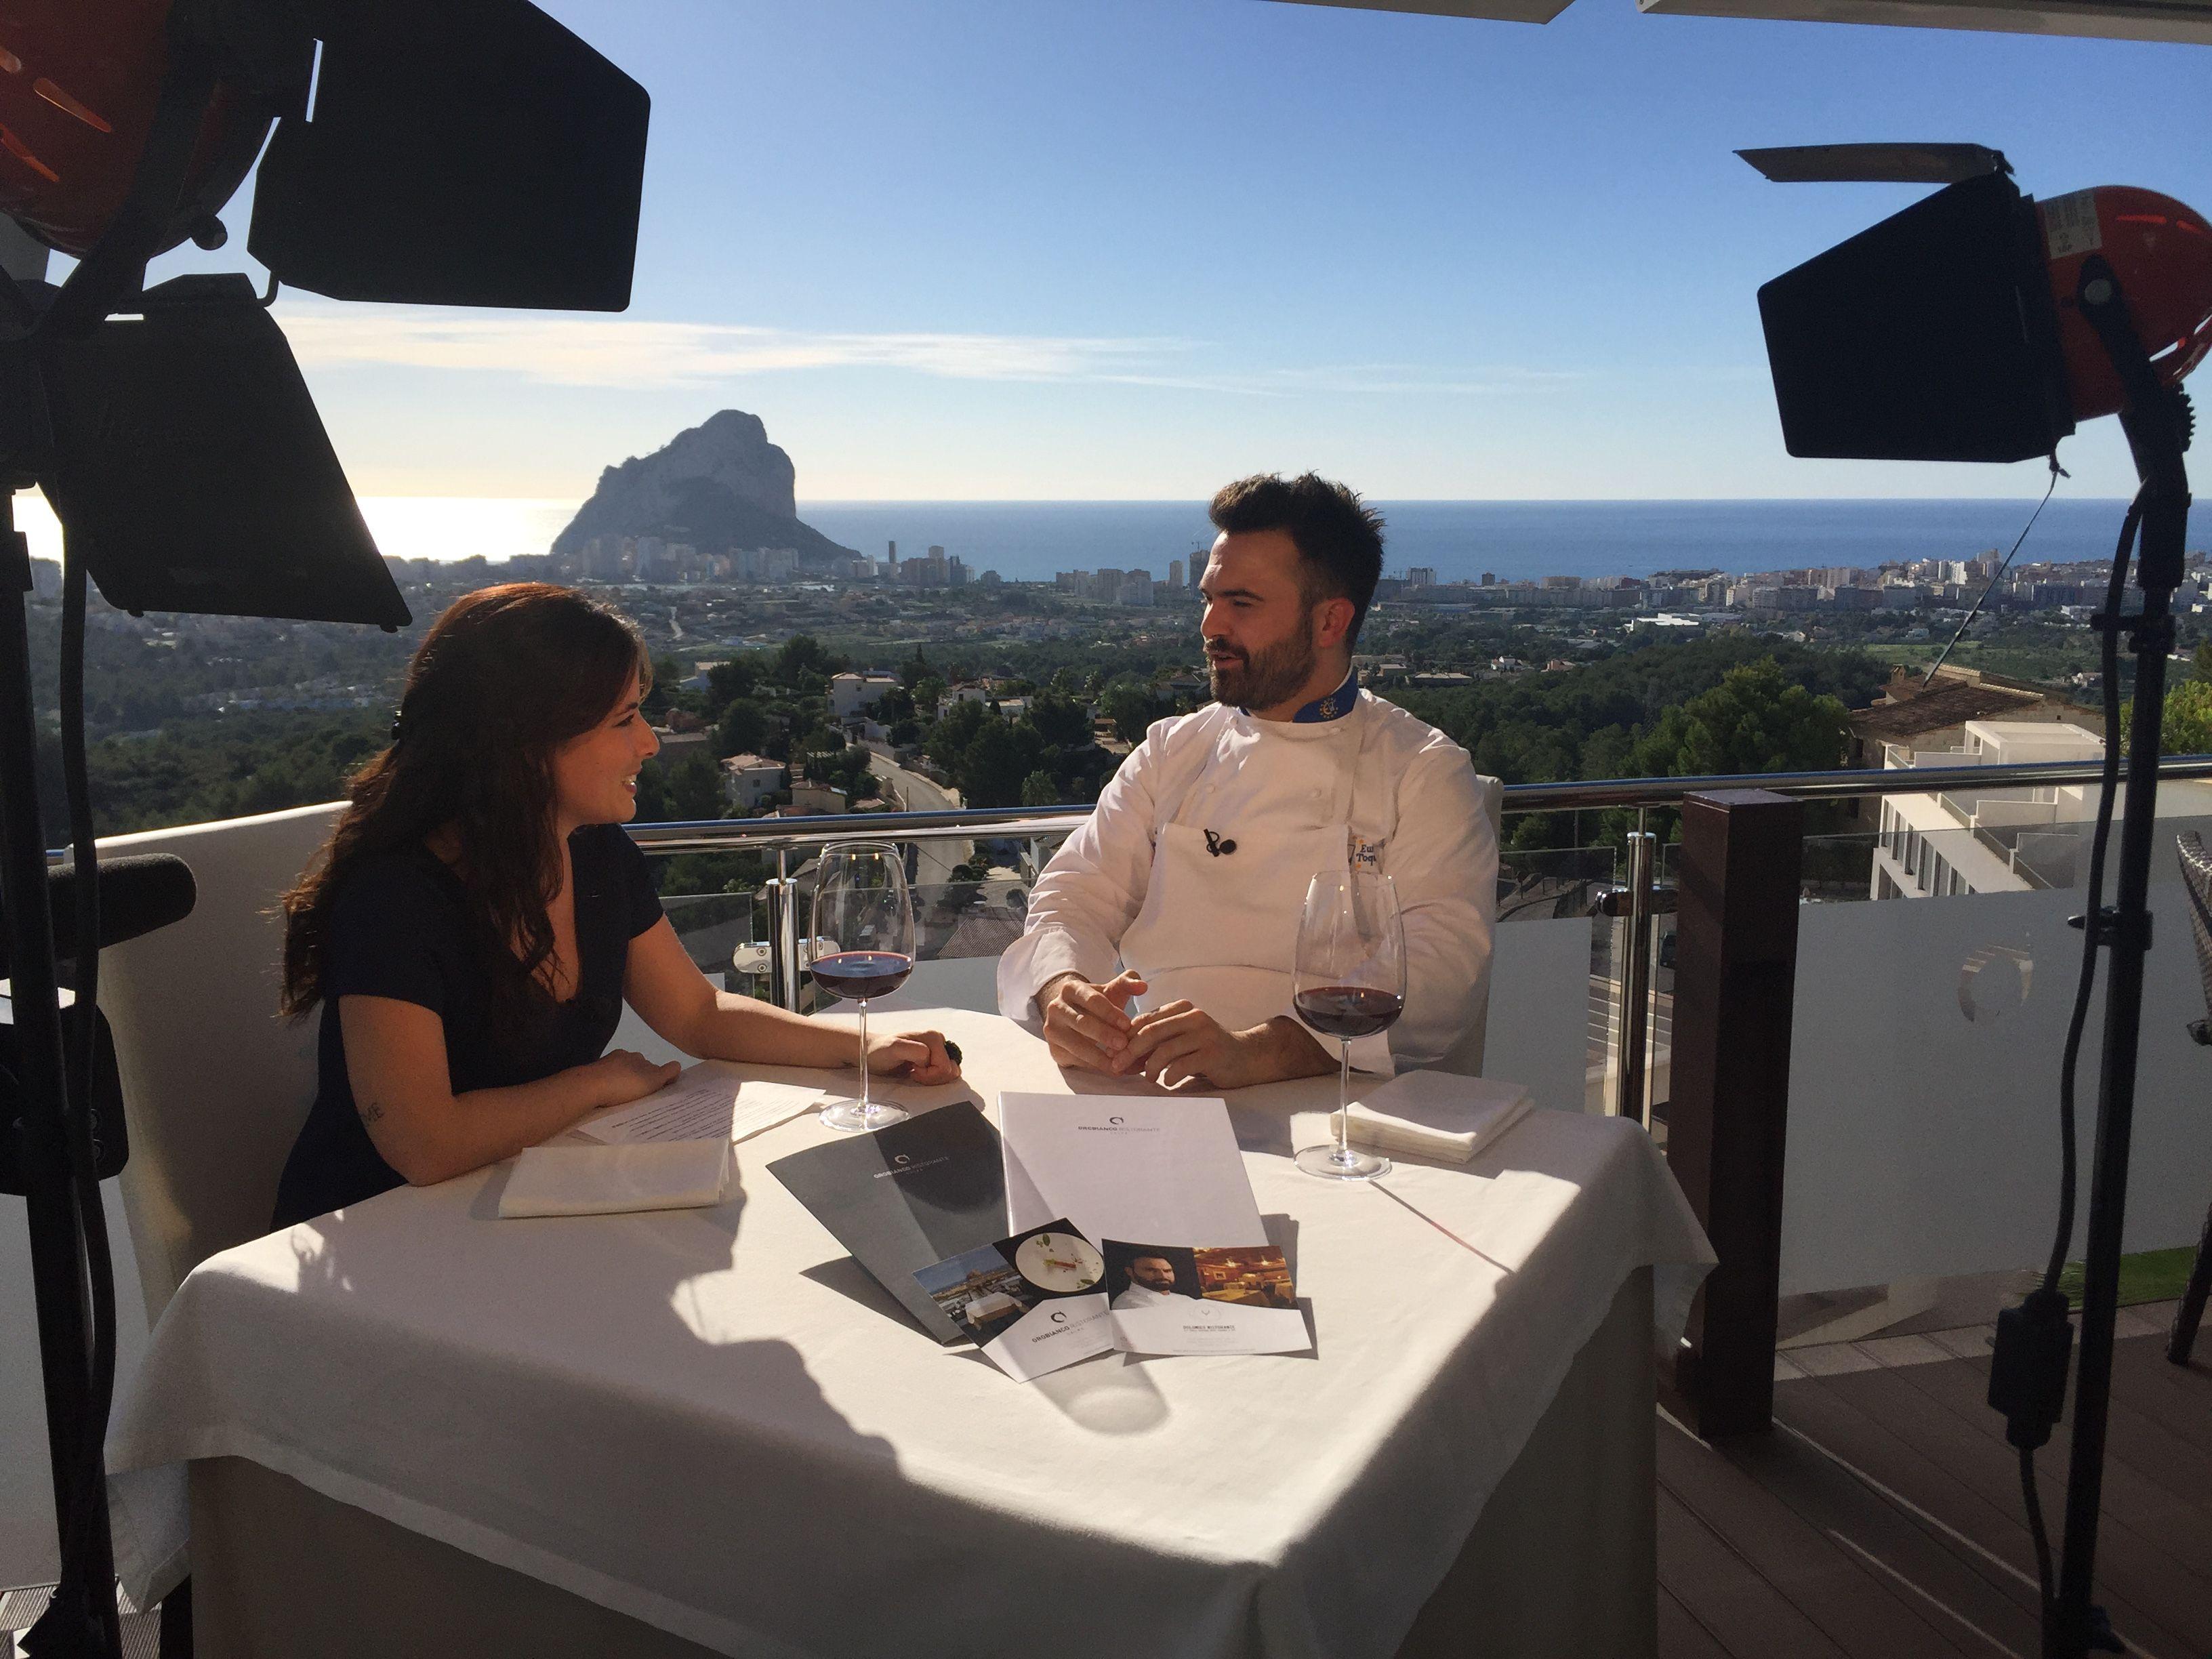 #MakingOff entrevista a Enrico Croatti desde las vistas privilegiadas que tenemos en Orobianco #Calpe. Próximamente el vídeo en nuestro canal YouTube. #RestauranteOroBianco #OroBianco #entrevista #EnricoCroatti